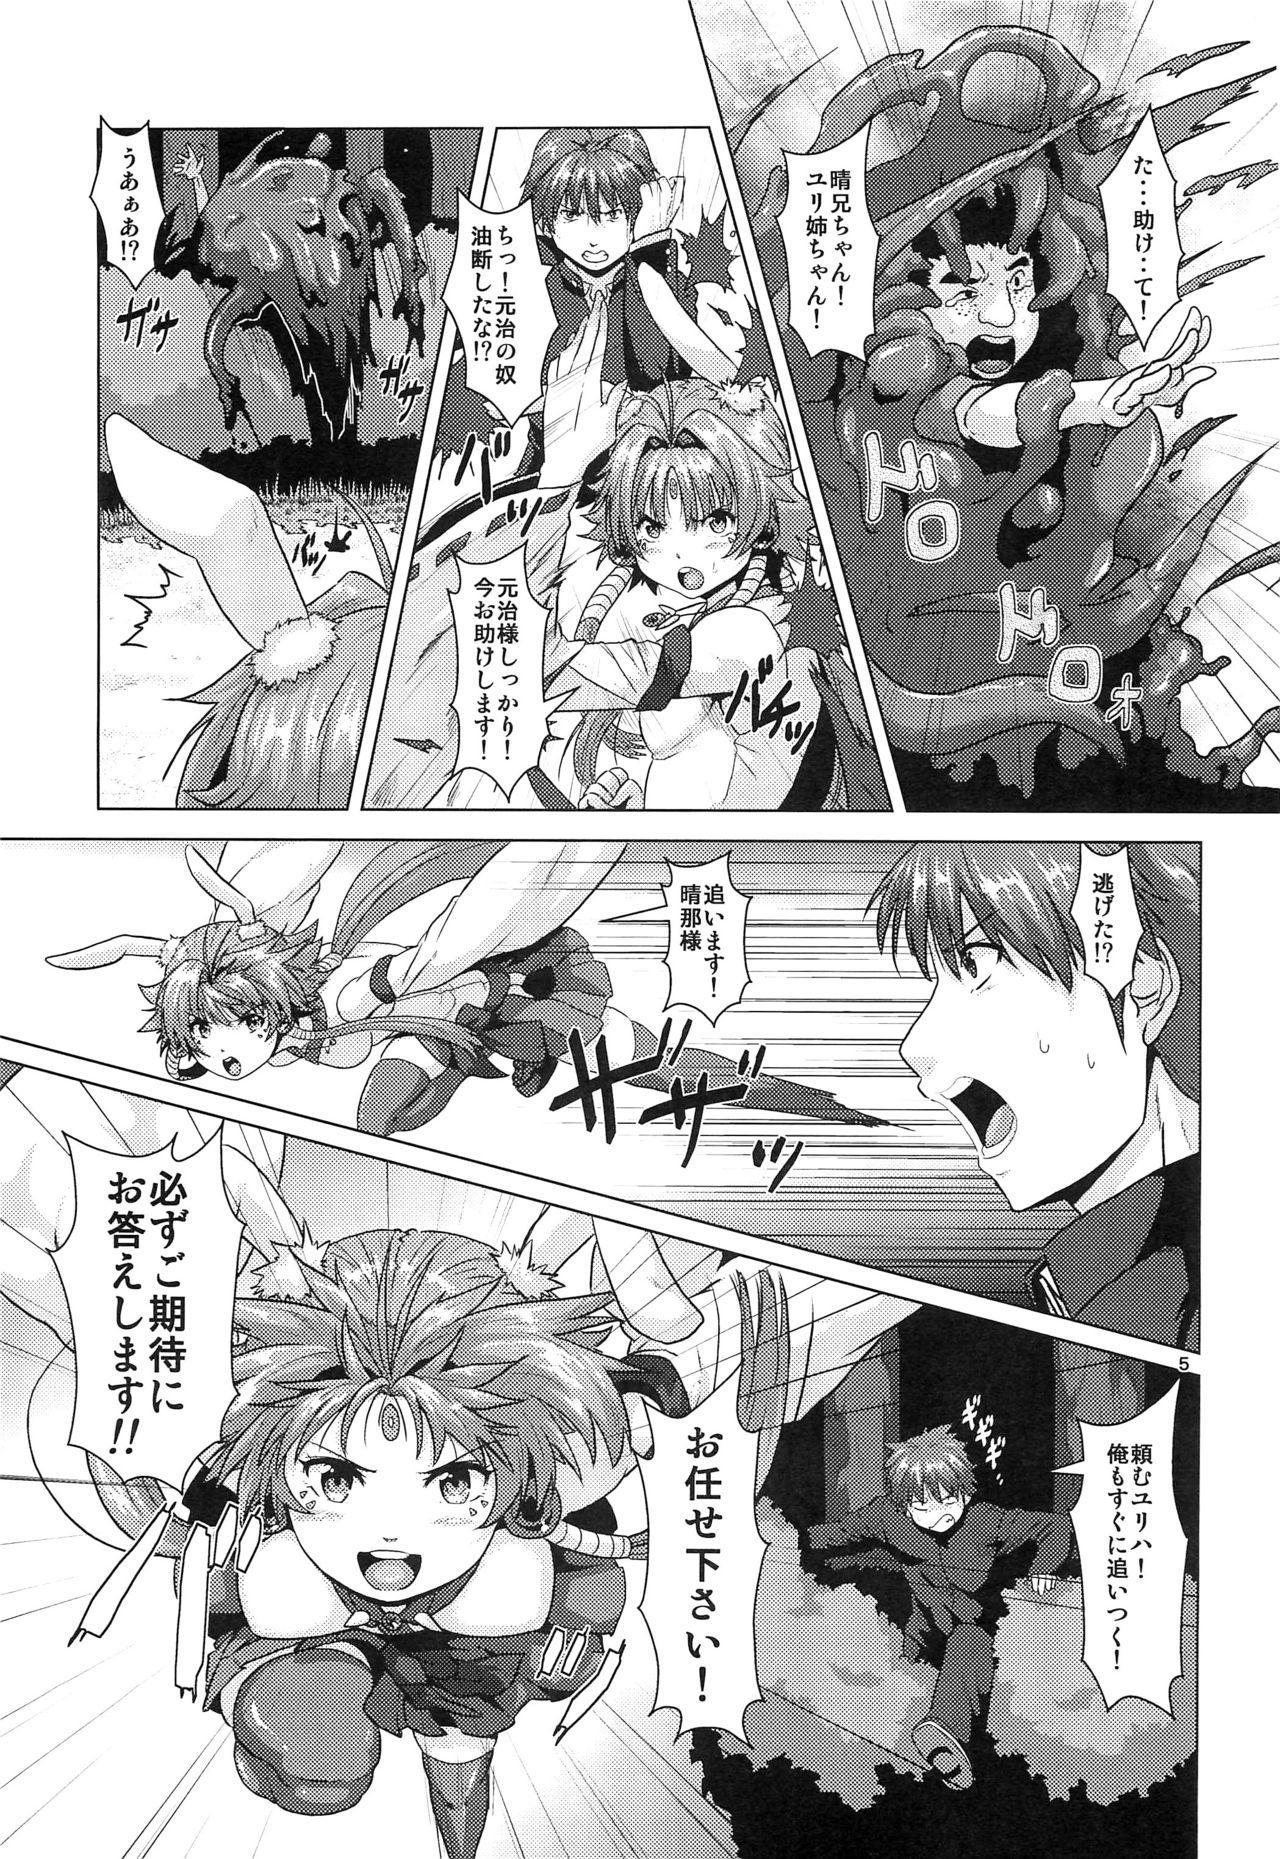 NTR Haramasare Ubawareta Aibou 3